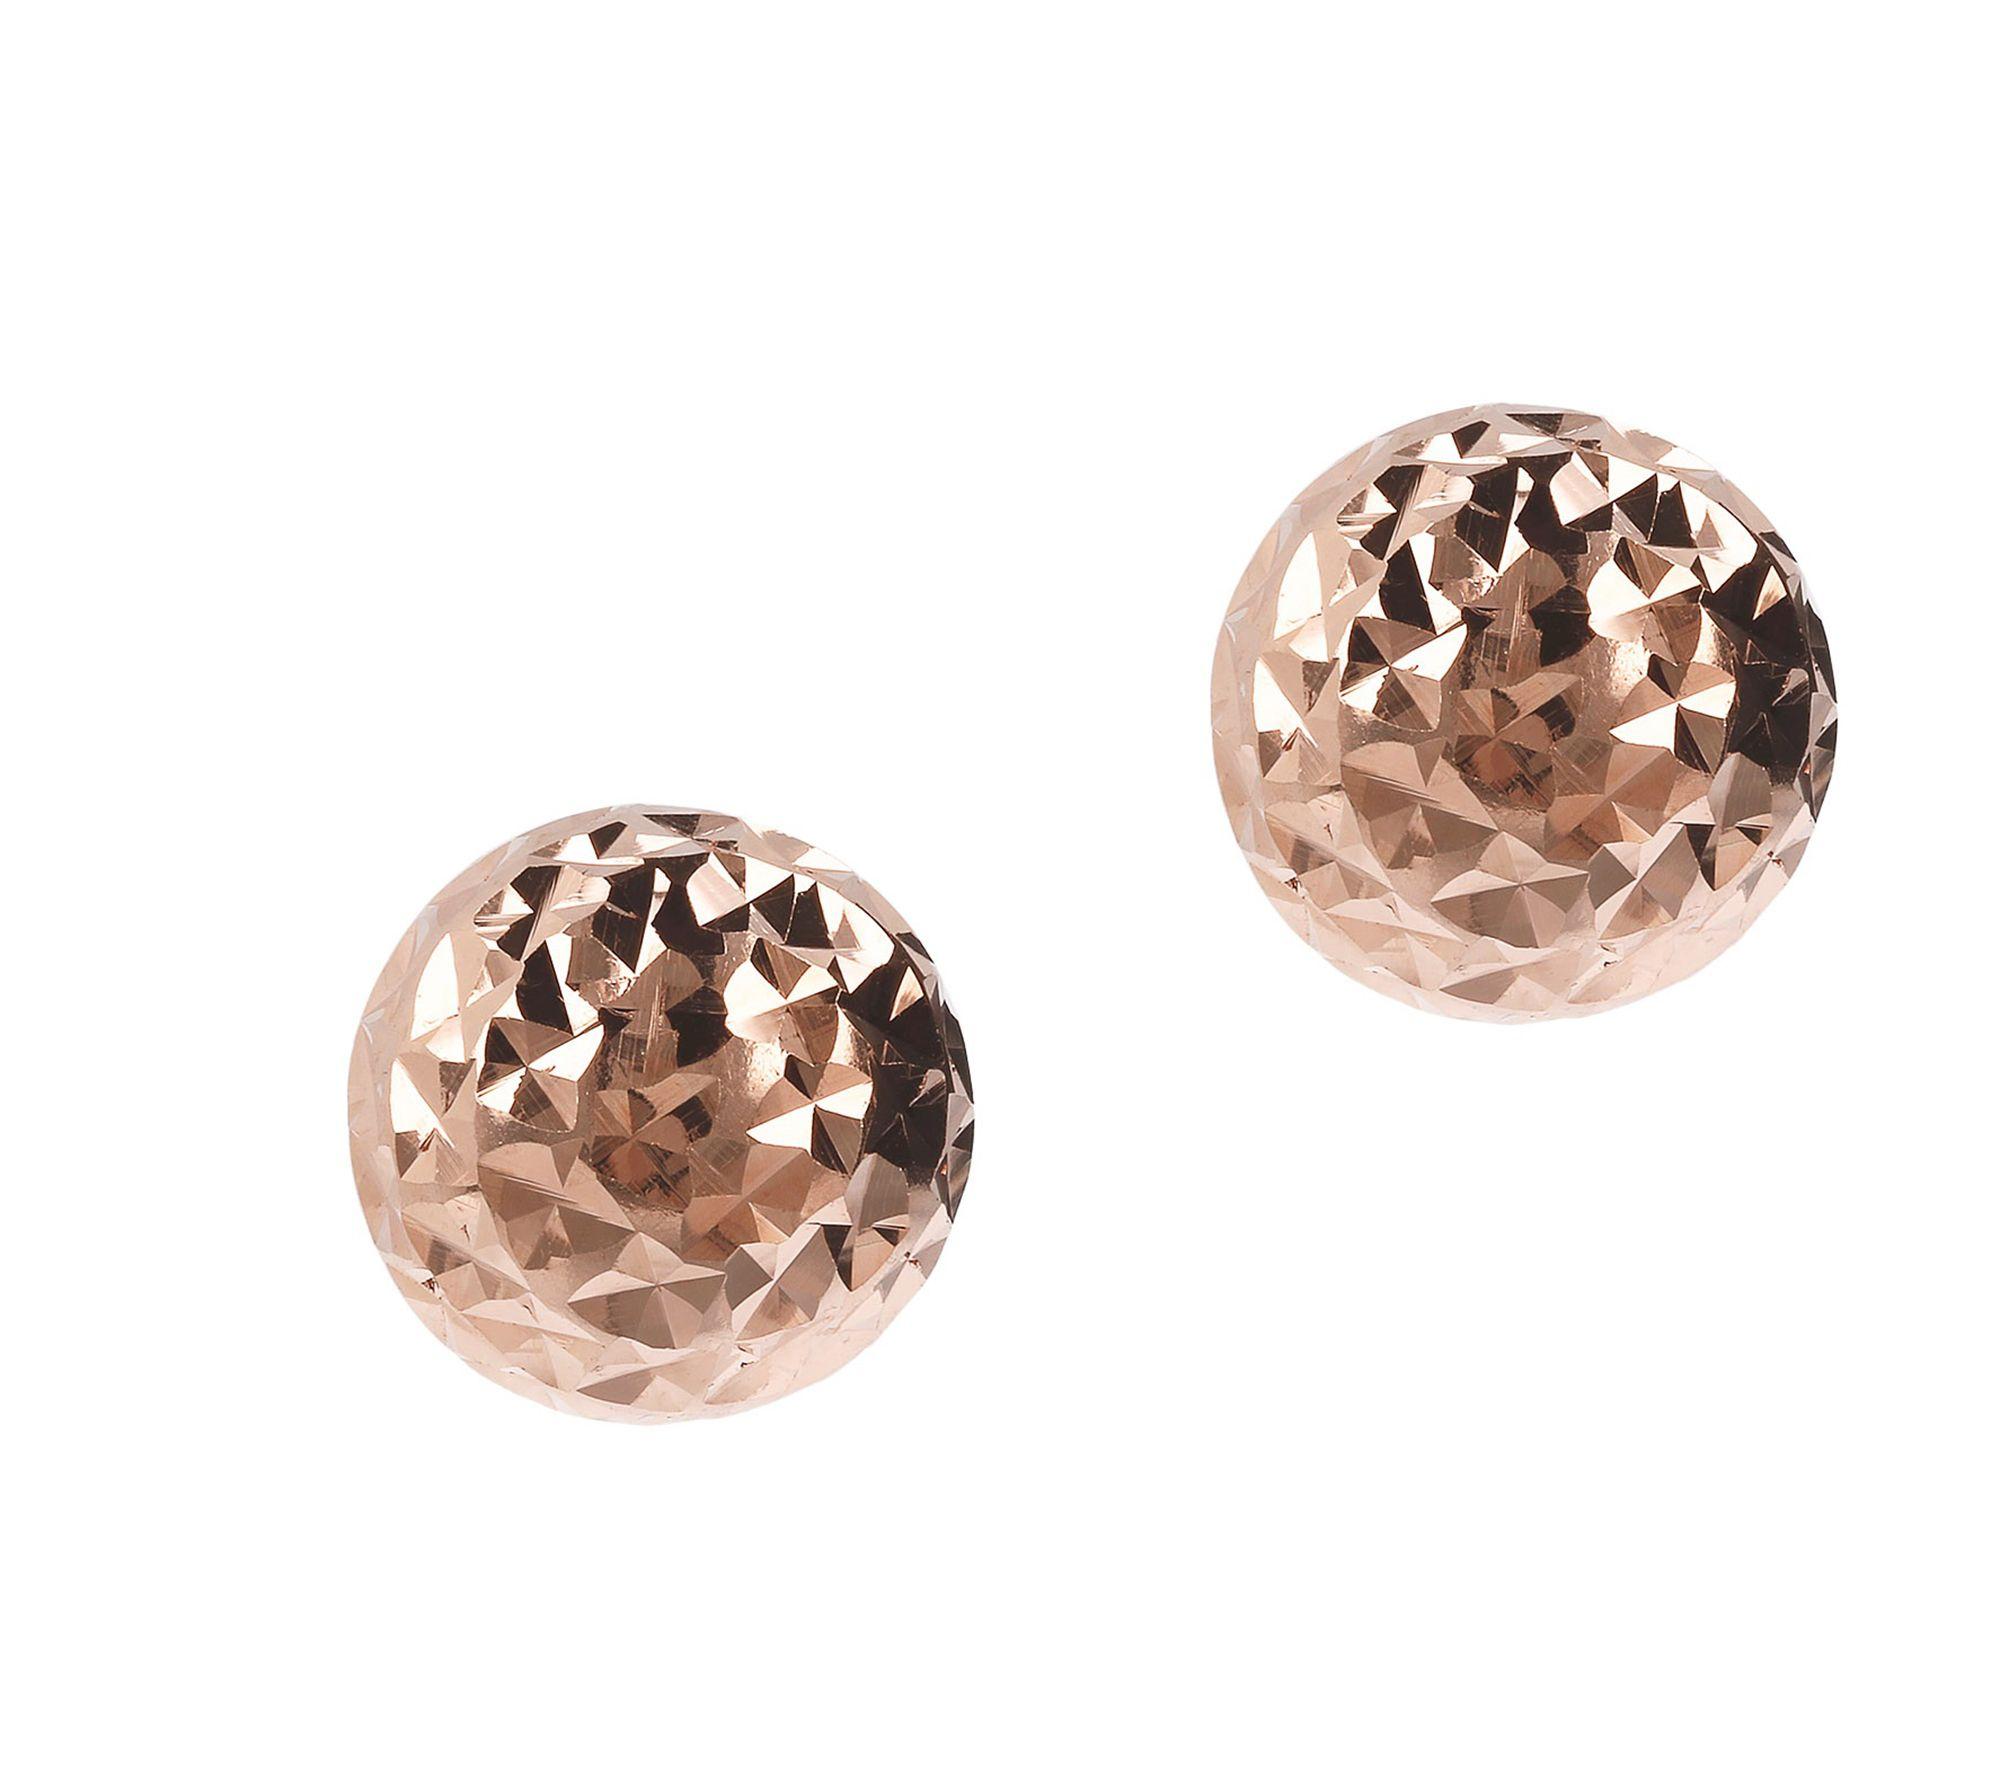 Italian Silver 12mm Round Diamond-Cut Bead Earrings, Sterling